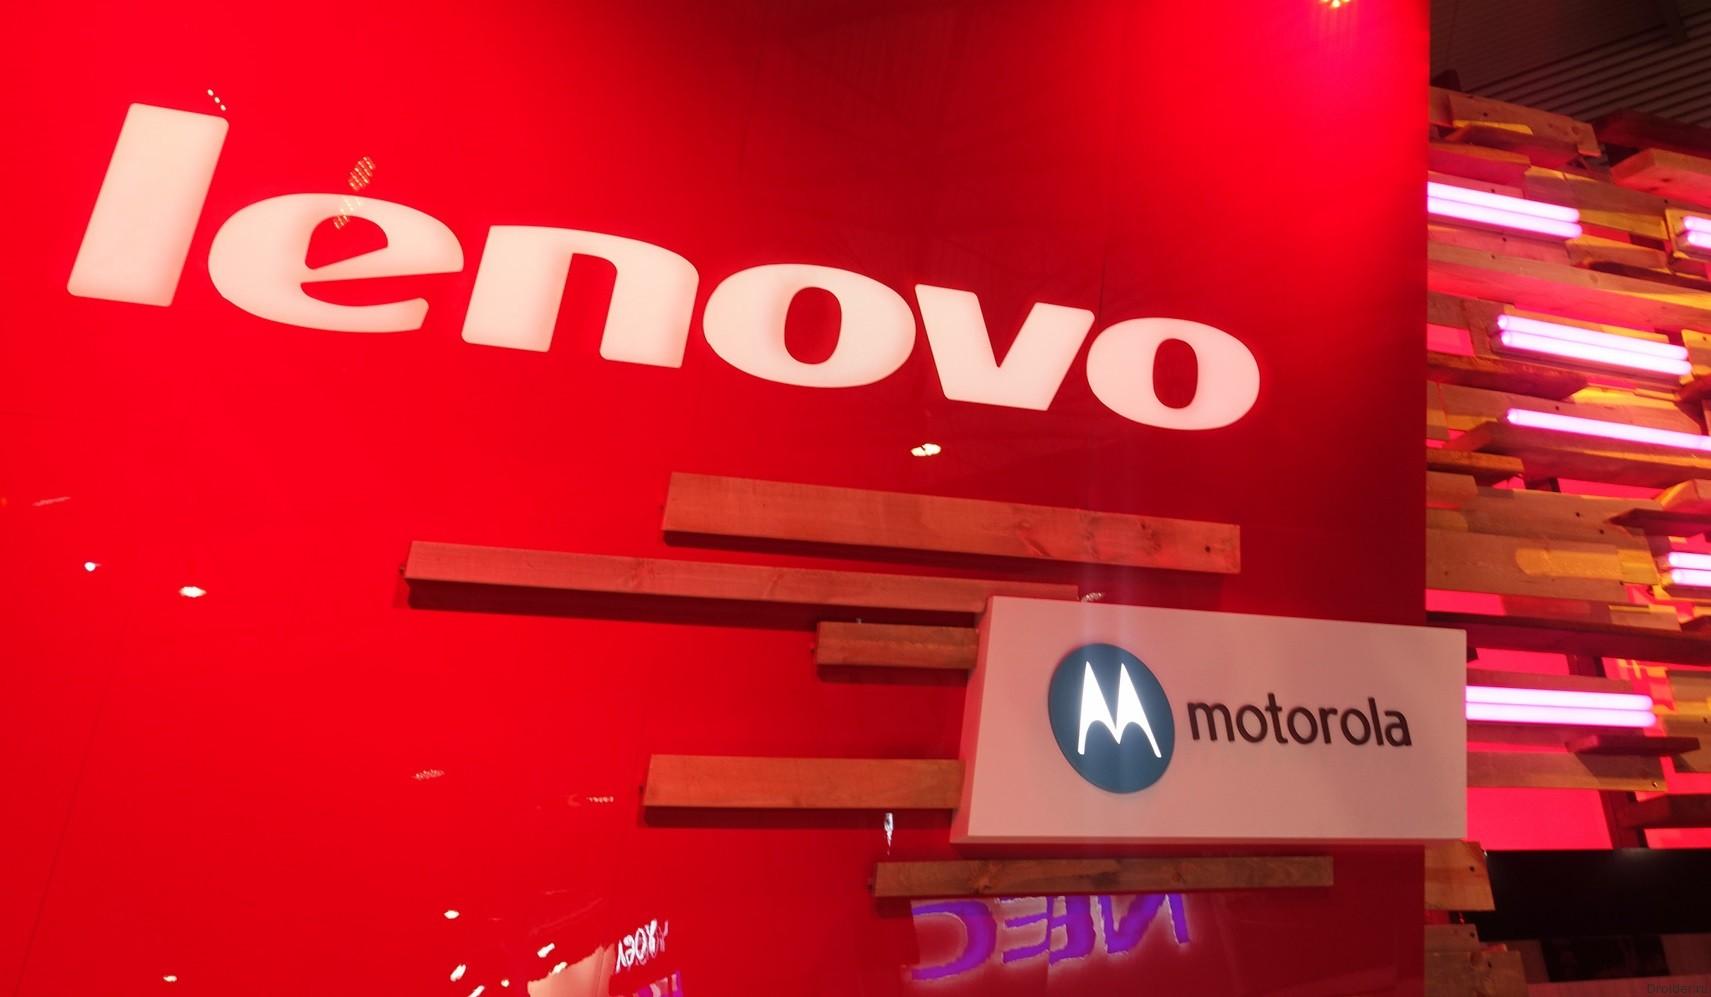 Смартфоны Lenovo будут делать специалисты Motorola